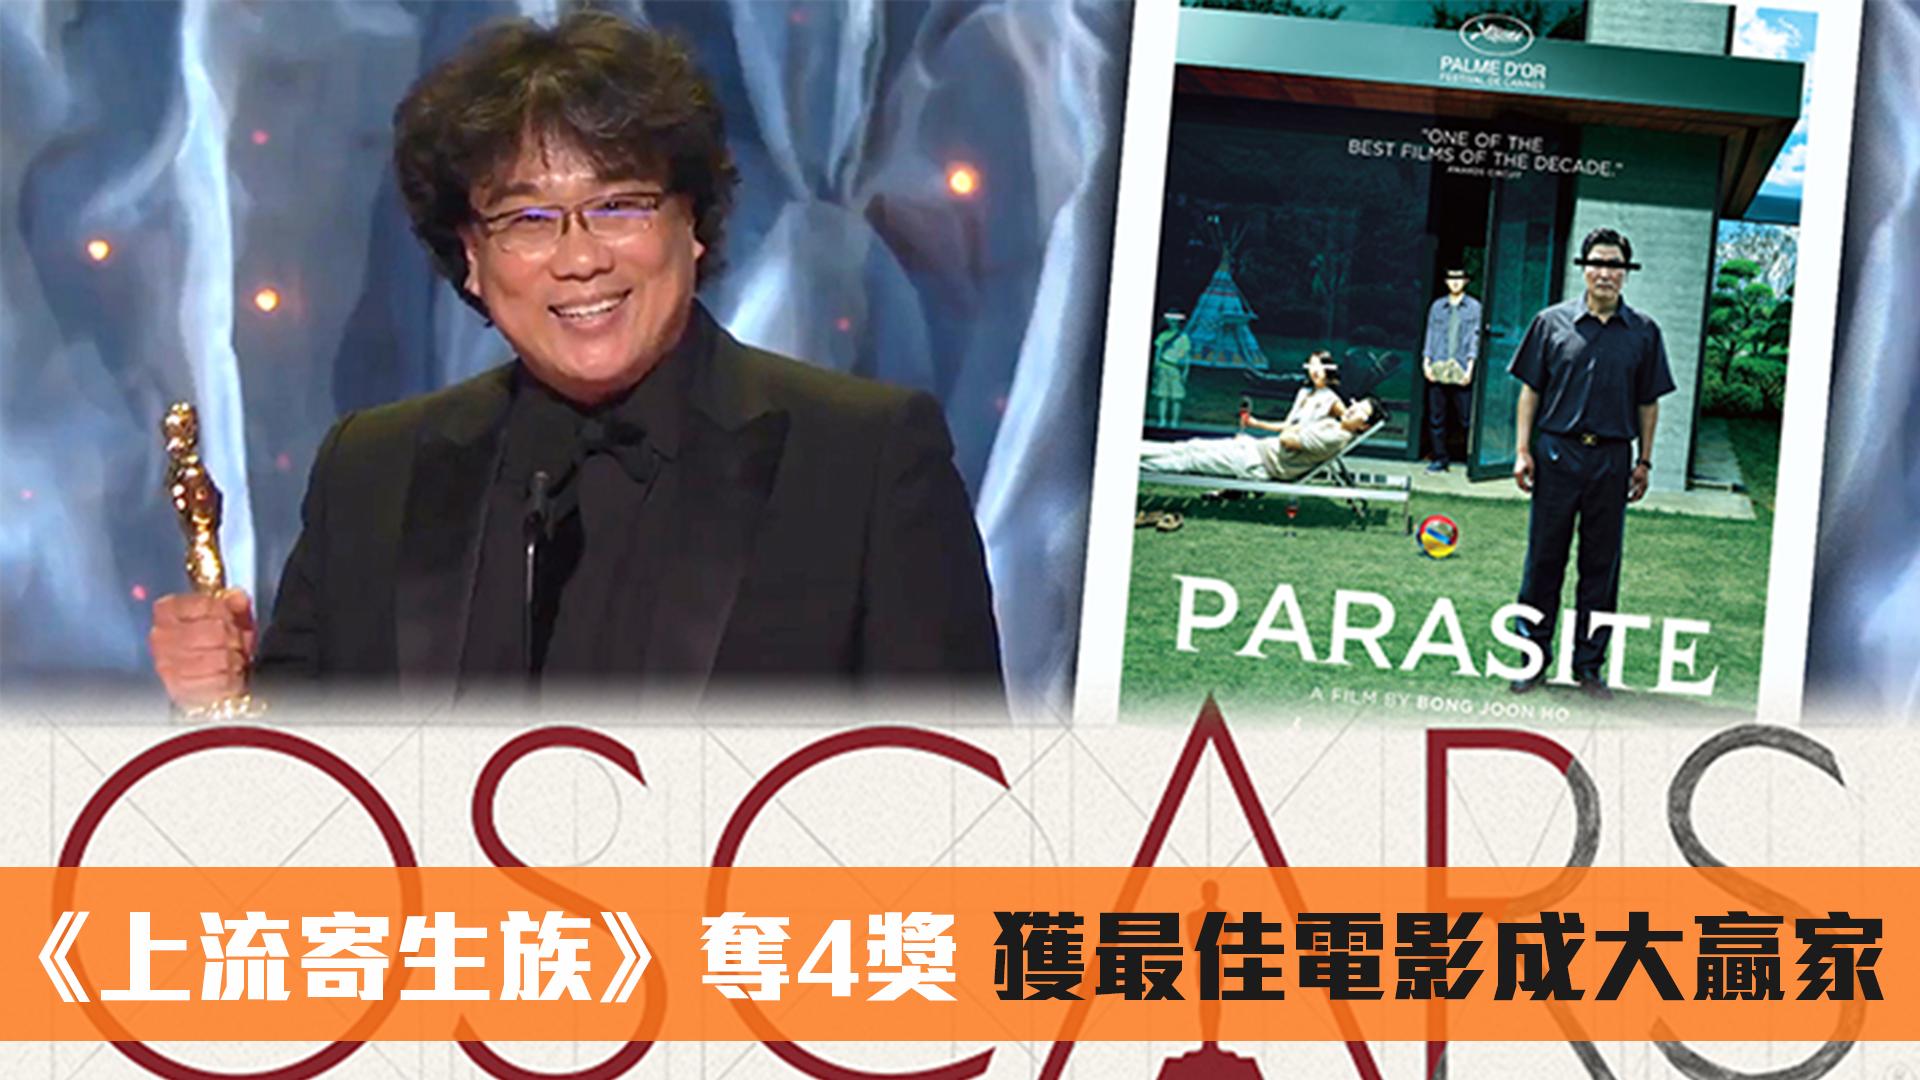 【奧斯卡】《上流寄生族》奪4獎 獲最佳電影成大贏家